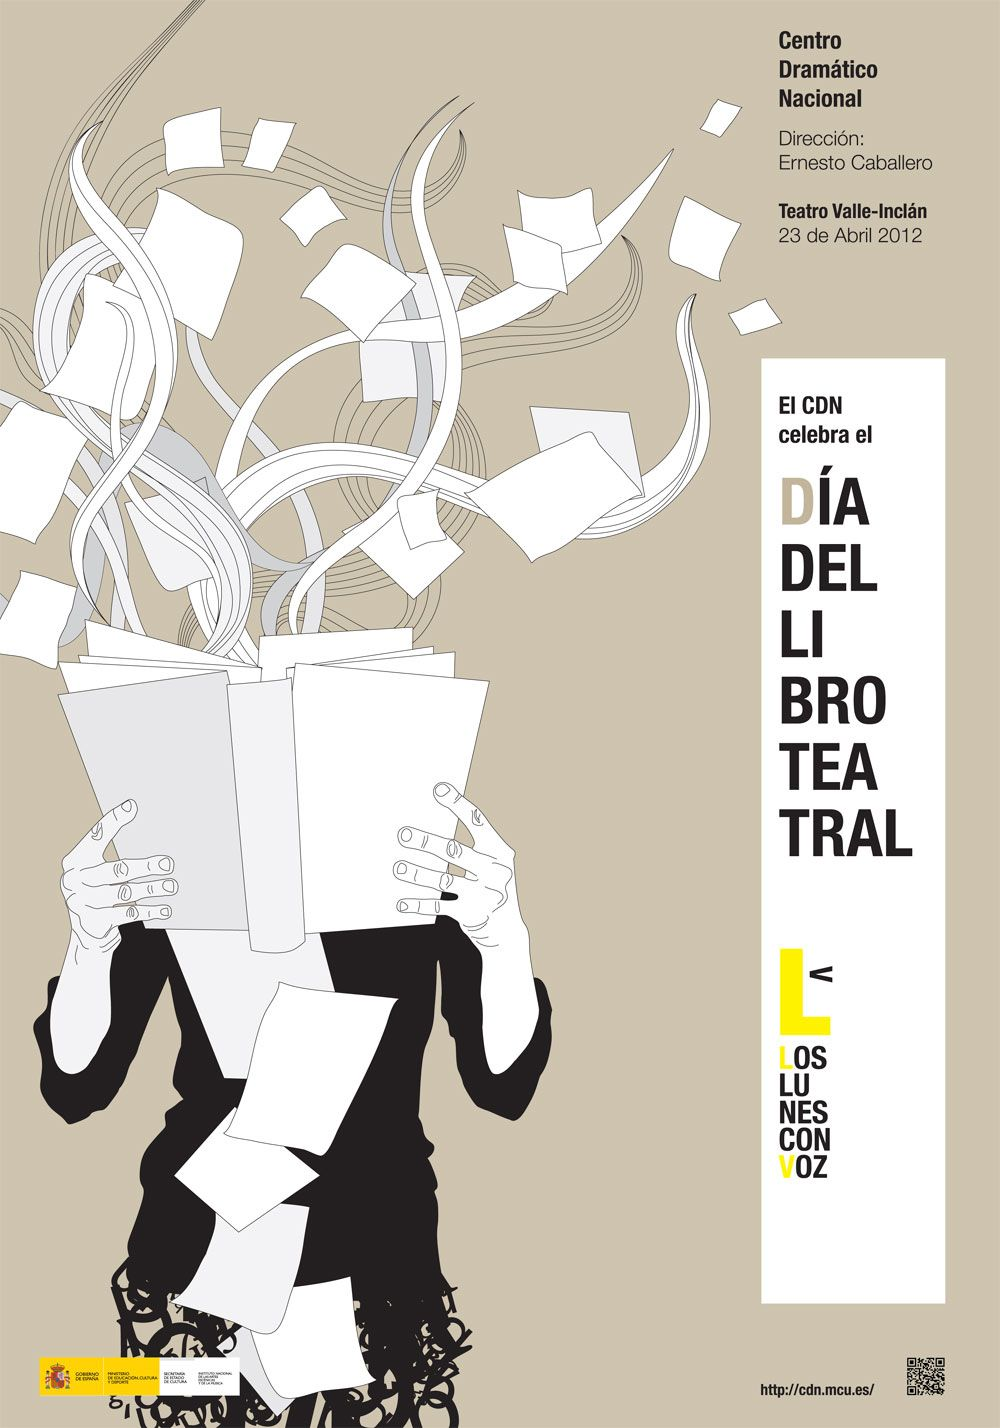 feria del libro poster - Google keresés | Pòsters | Pinterest ...